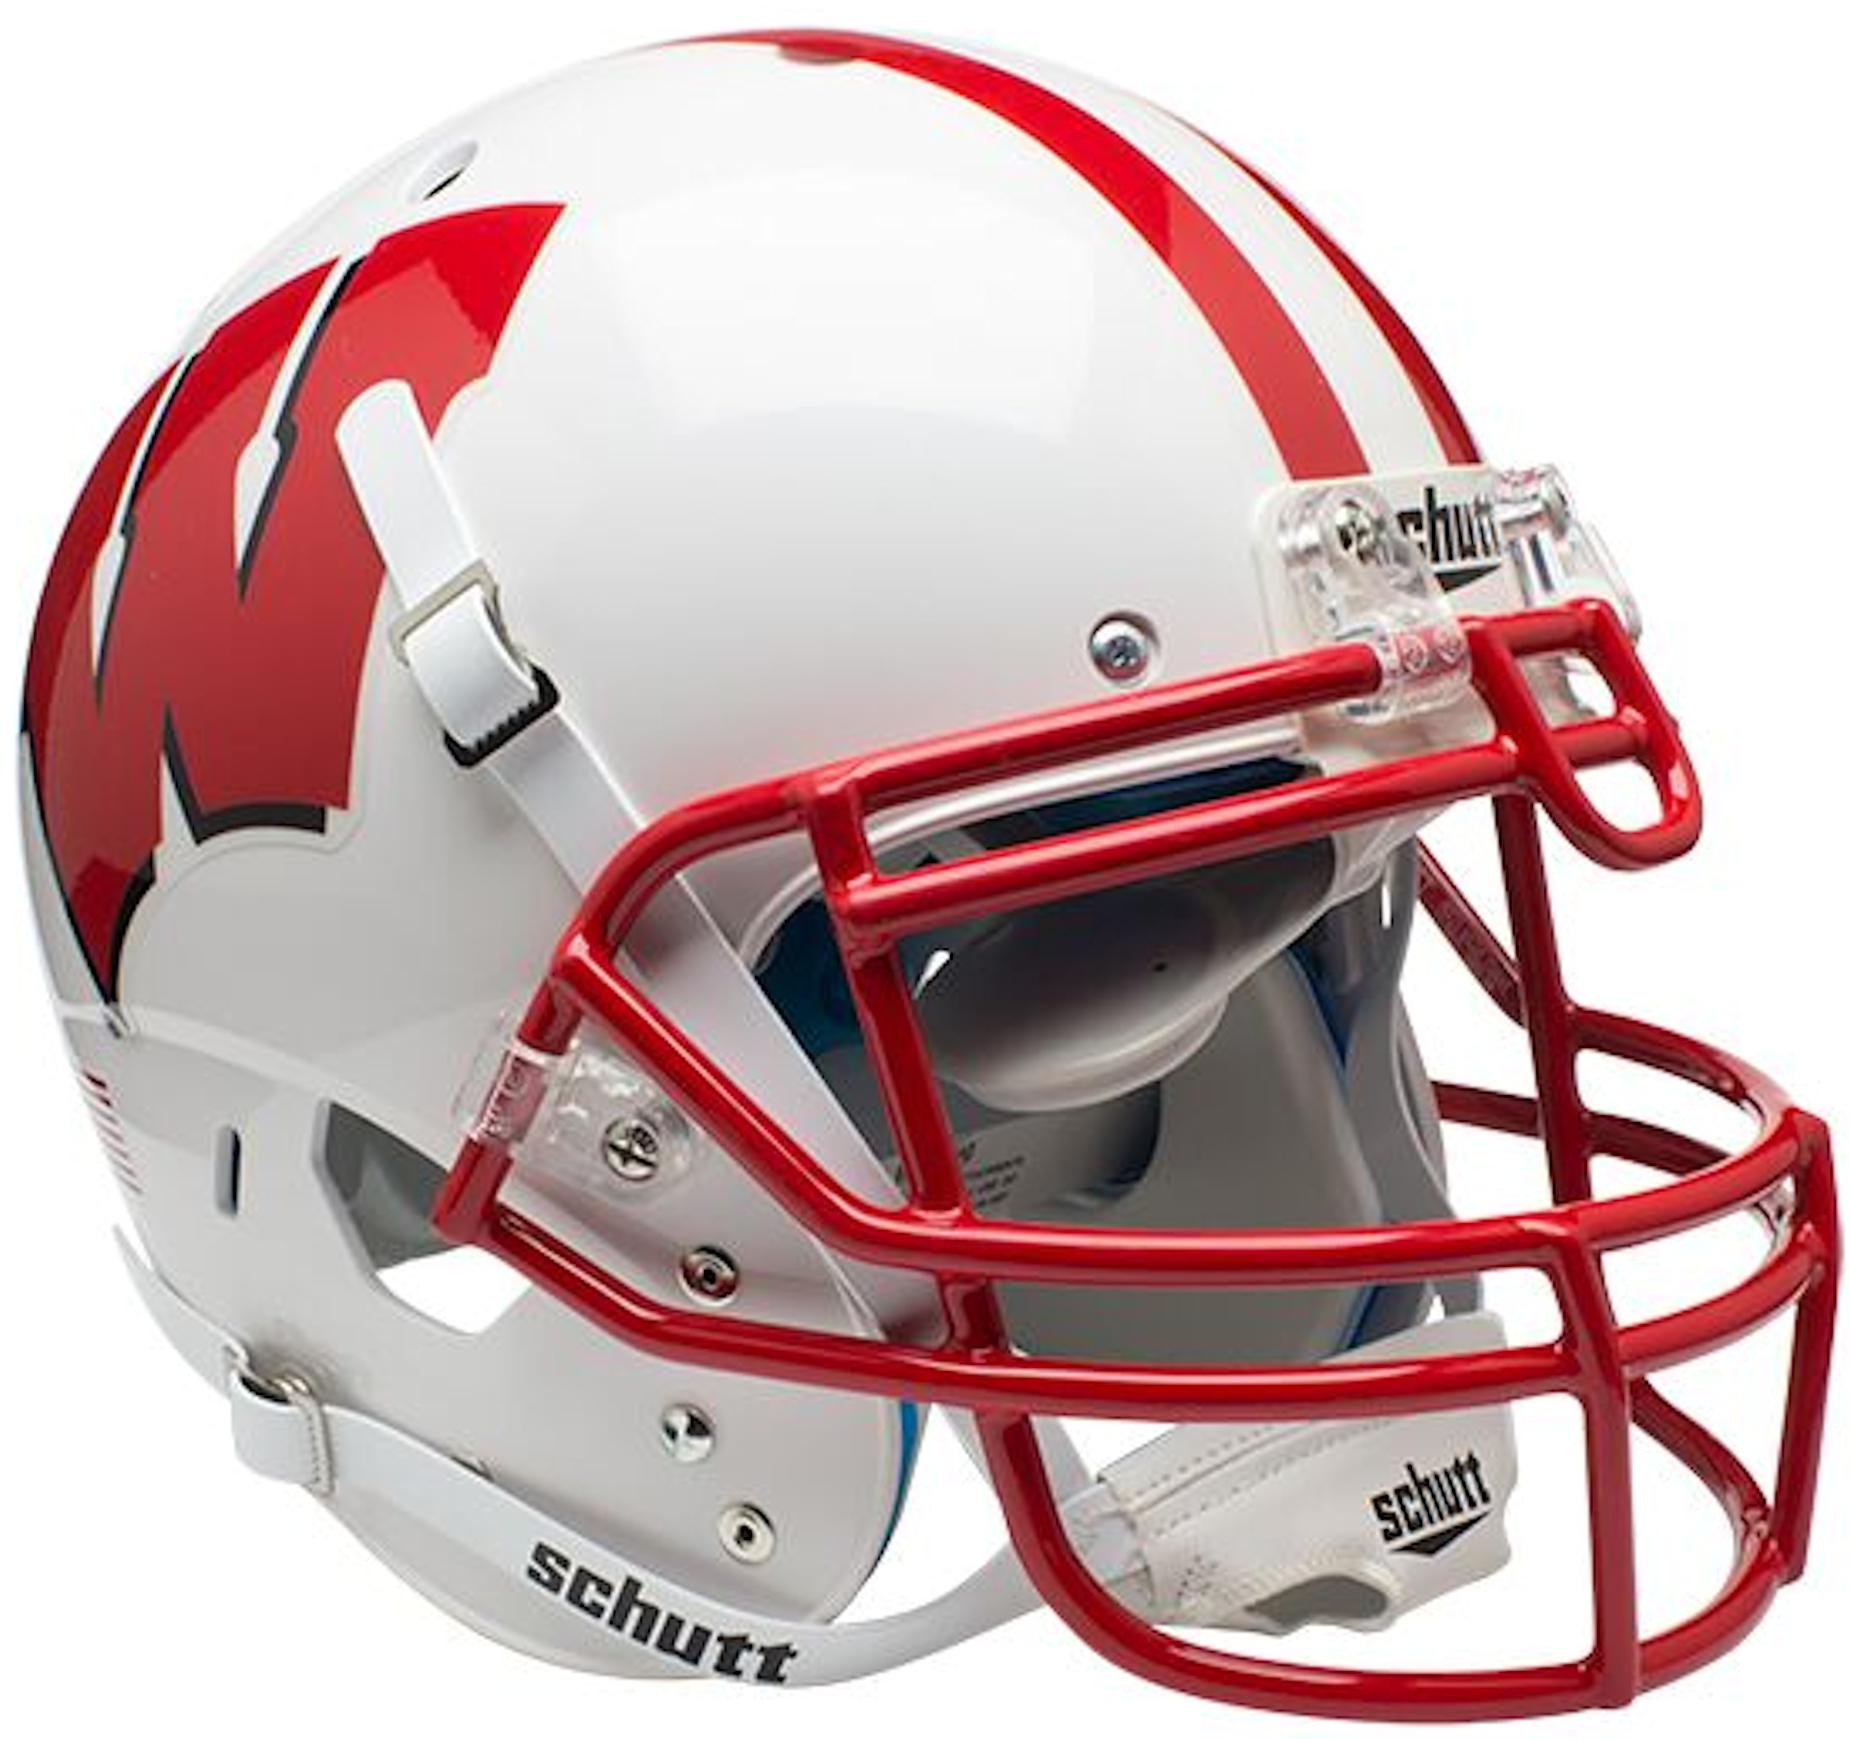 Wisconsin Badgers Authentic College XP Football Helmet Schutt